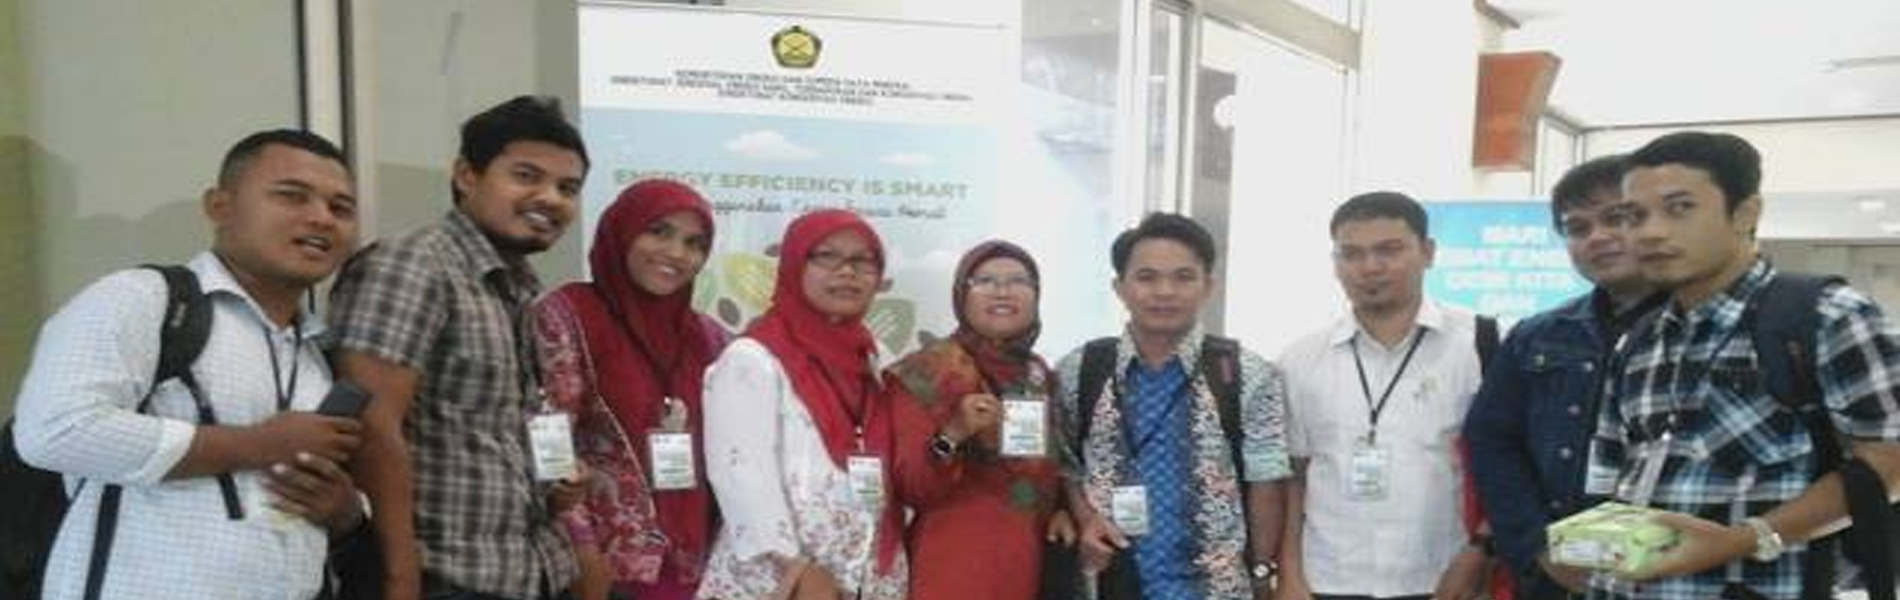 Seminar Konservasi Energi